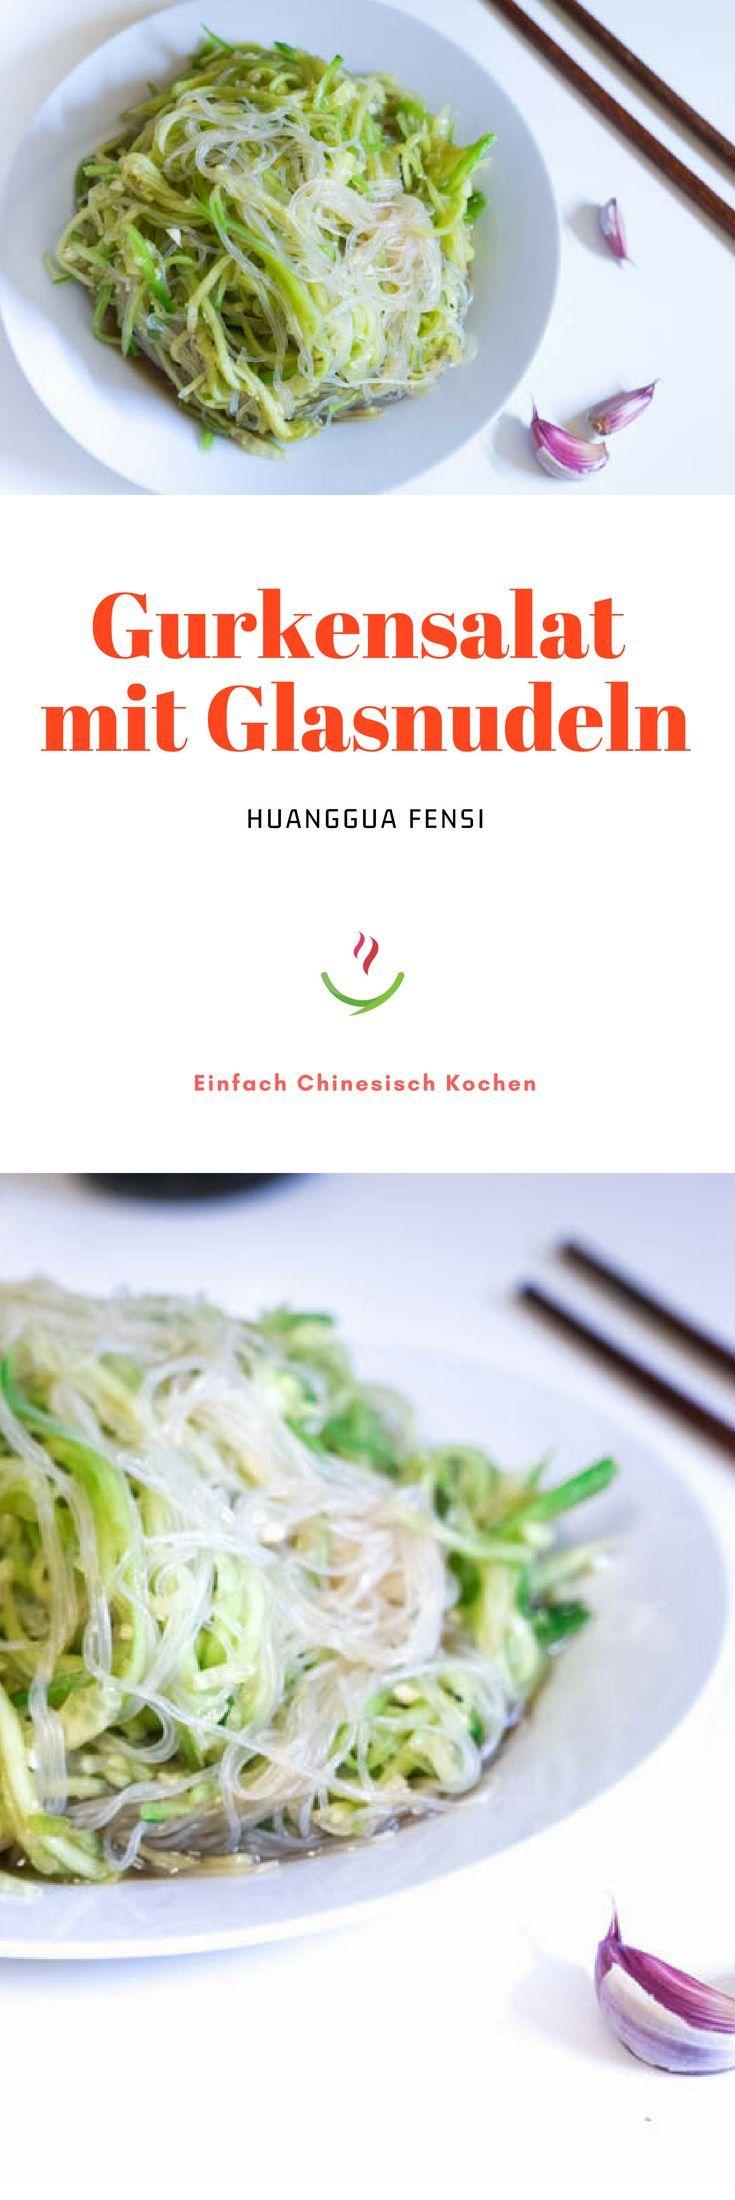 黄瓜粉丝 (huángguā fěnsī) – chinesischer Gurkensalat mit Glasnudeln